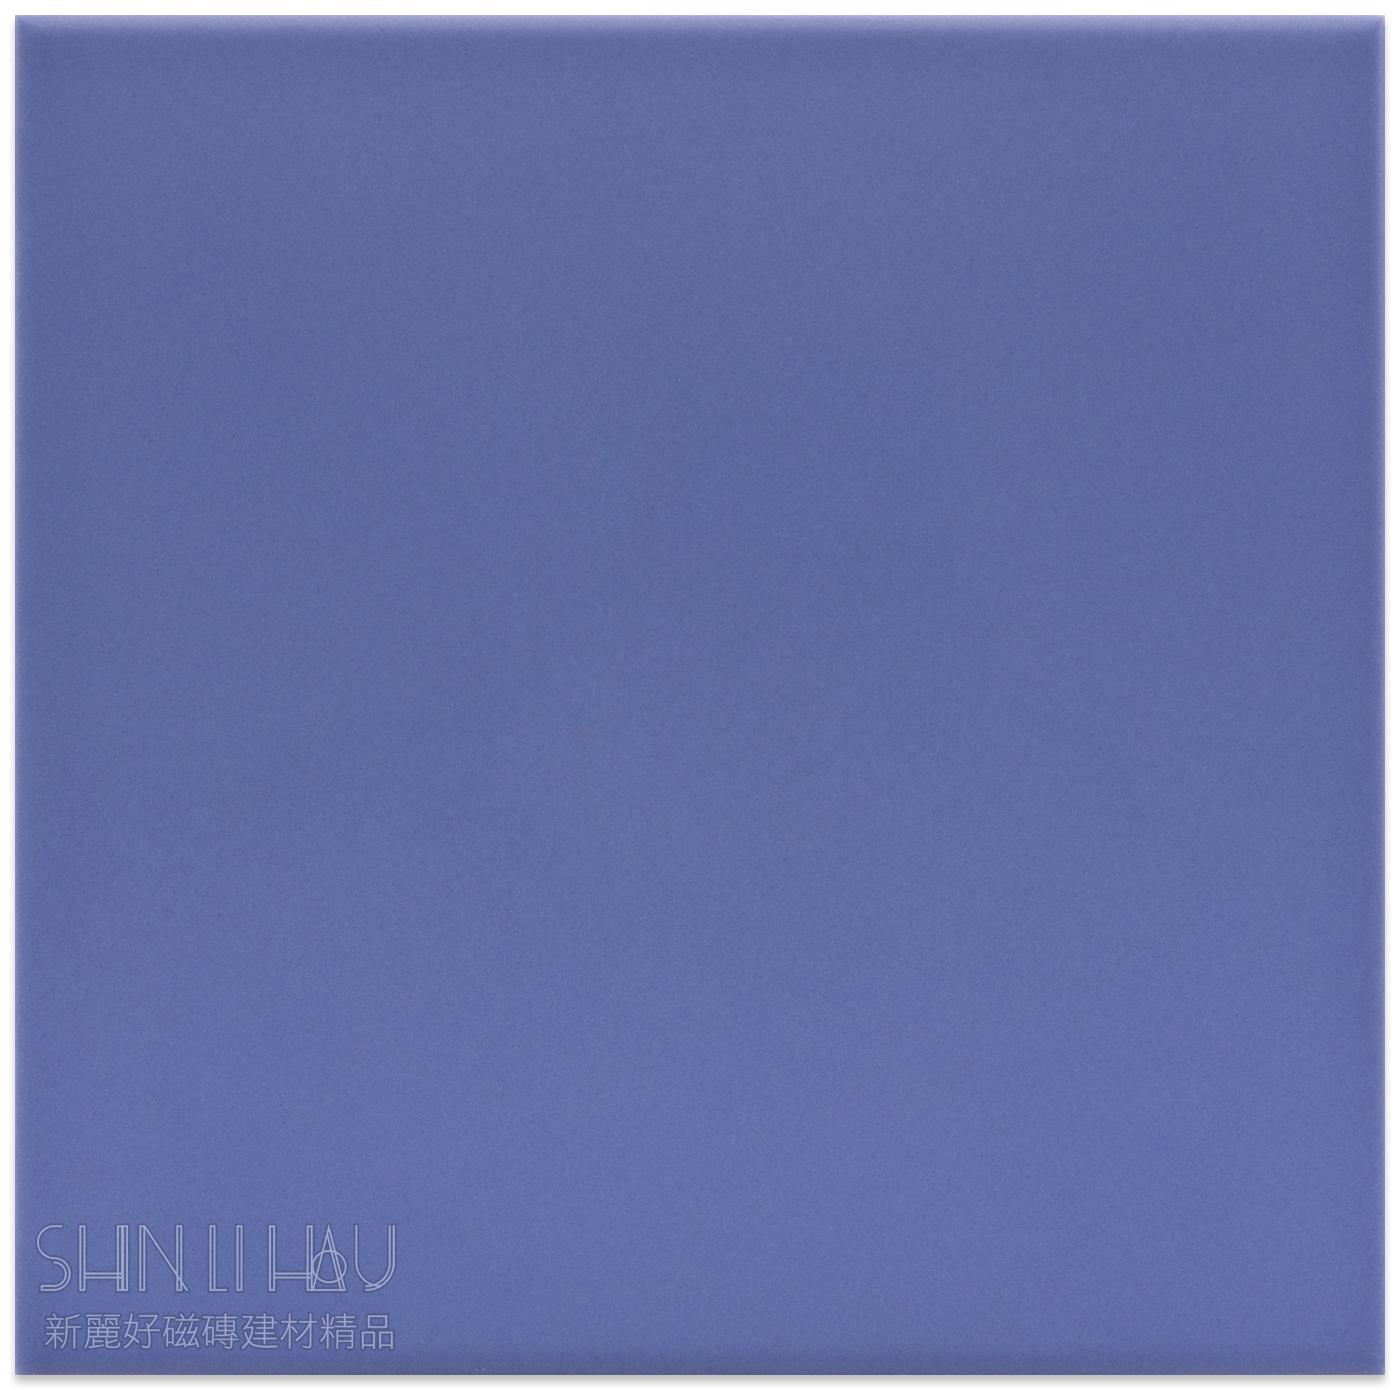 風華絕代-極緻驚豔圖騰復古磚 - 藍色